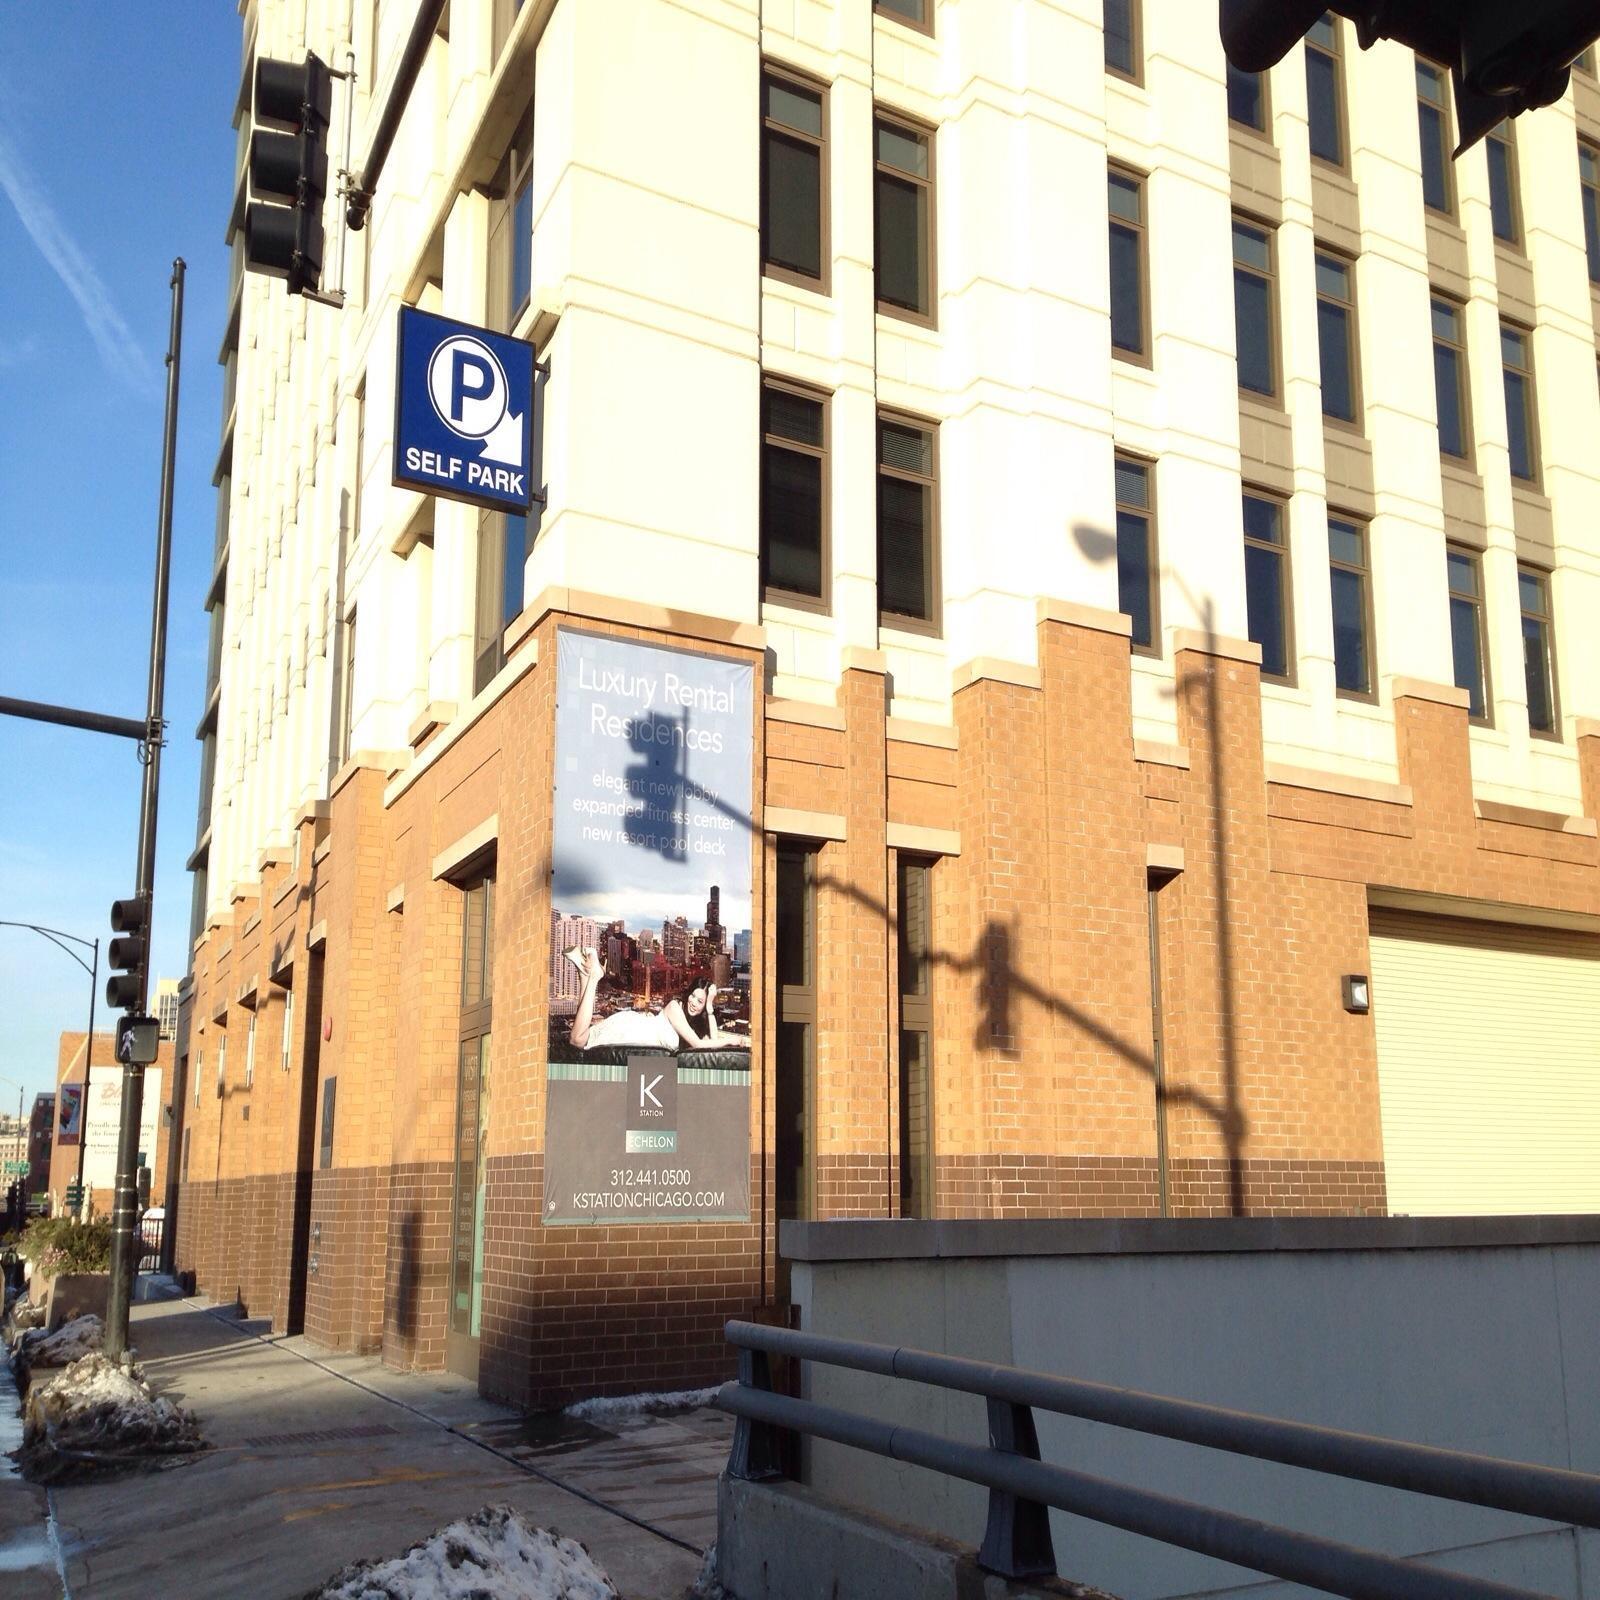 353 N Desplaines St Garage - Parking In Chicago